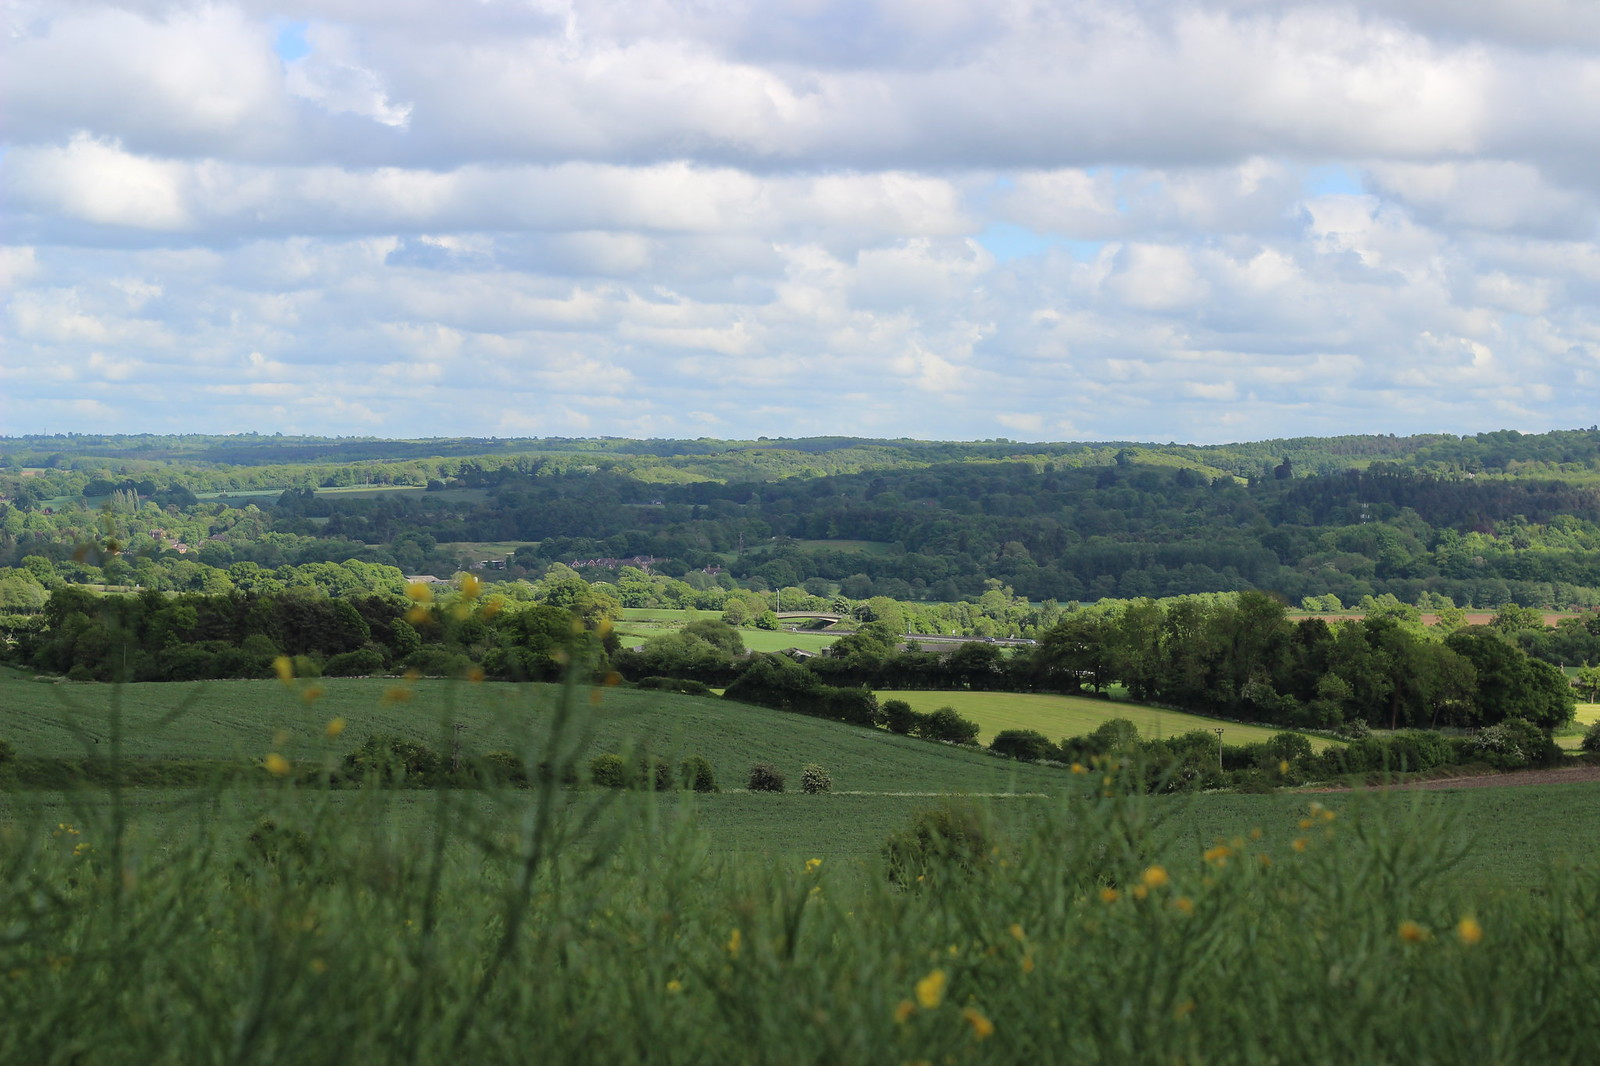 Caterham to Knockholt walk